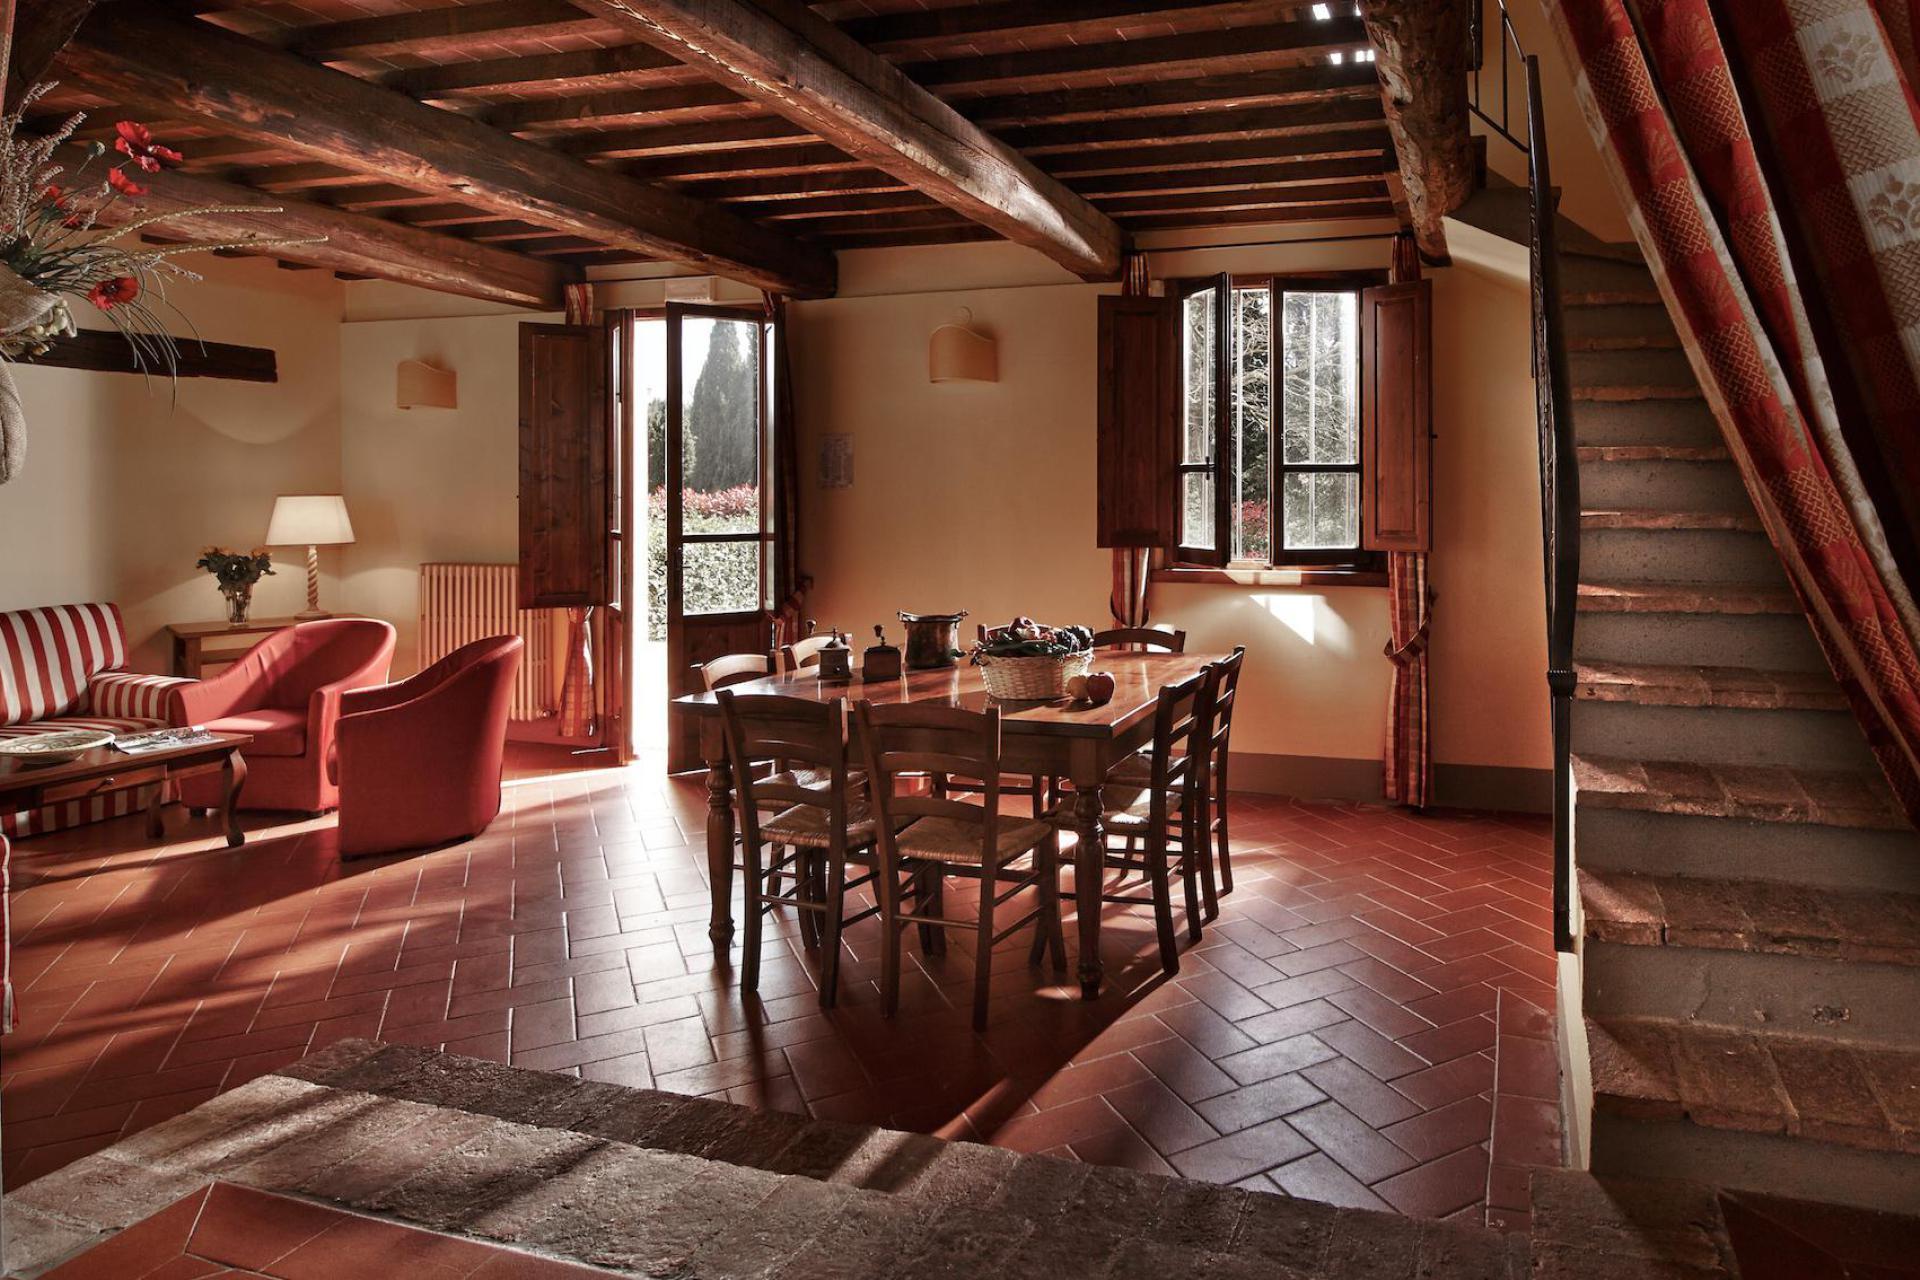 Agriturismo Piemonte Agriturismo Piemonte, voor liefhebbers van wijn en lekker eten